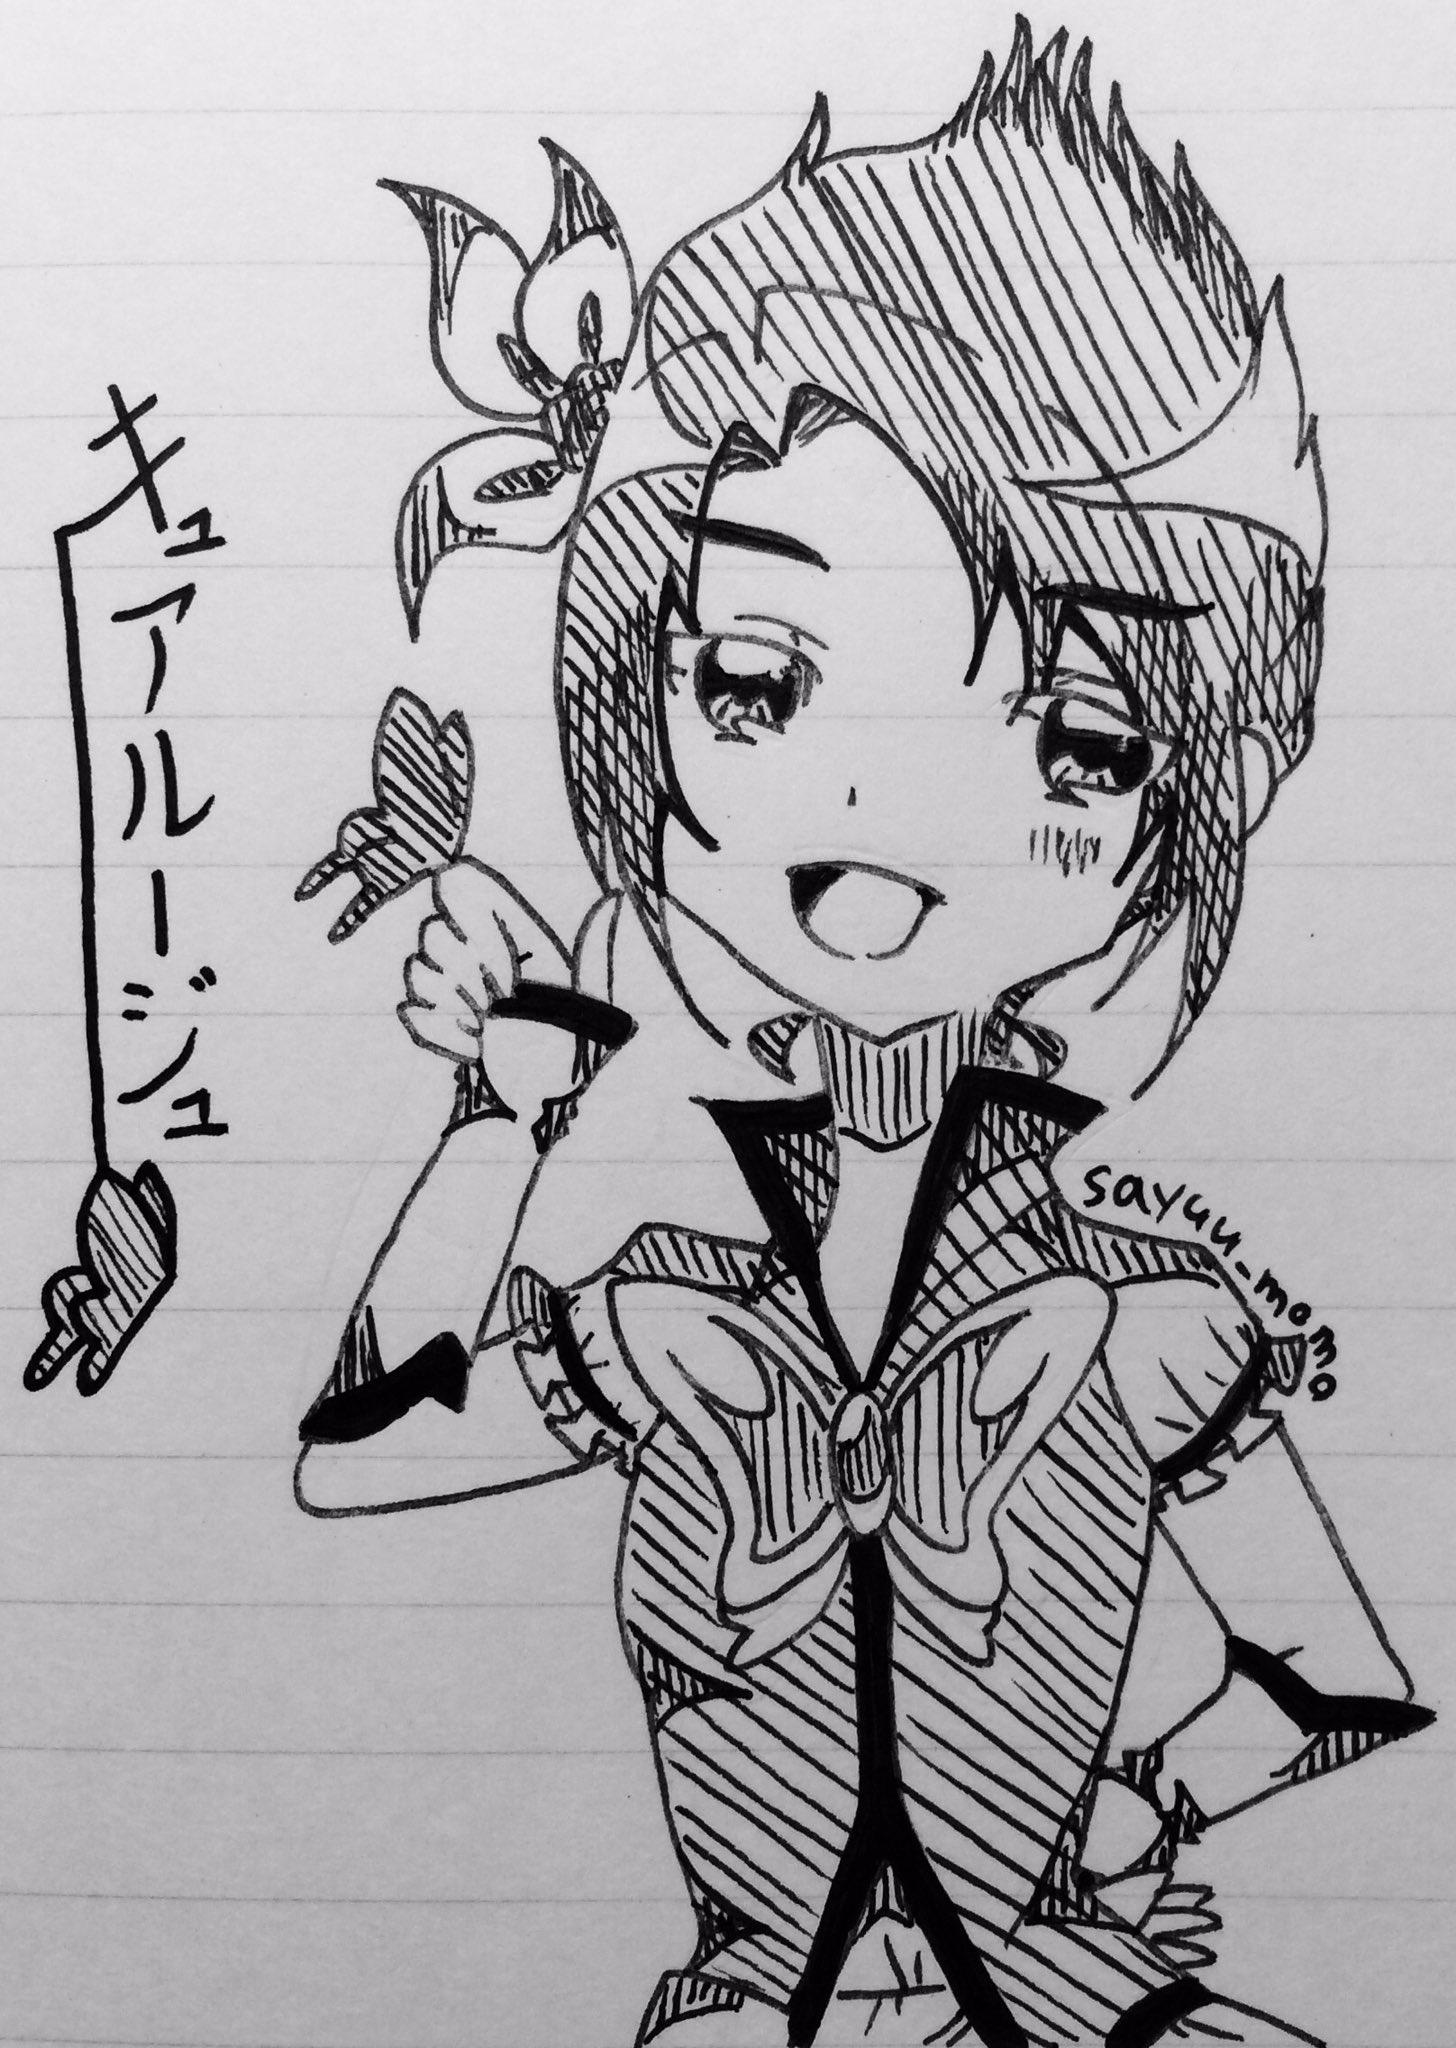 紗遊@セラミュ余韻 (@sayuu_momo)さんのイラスト